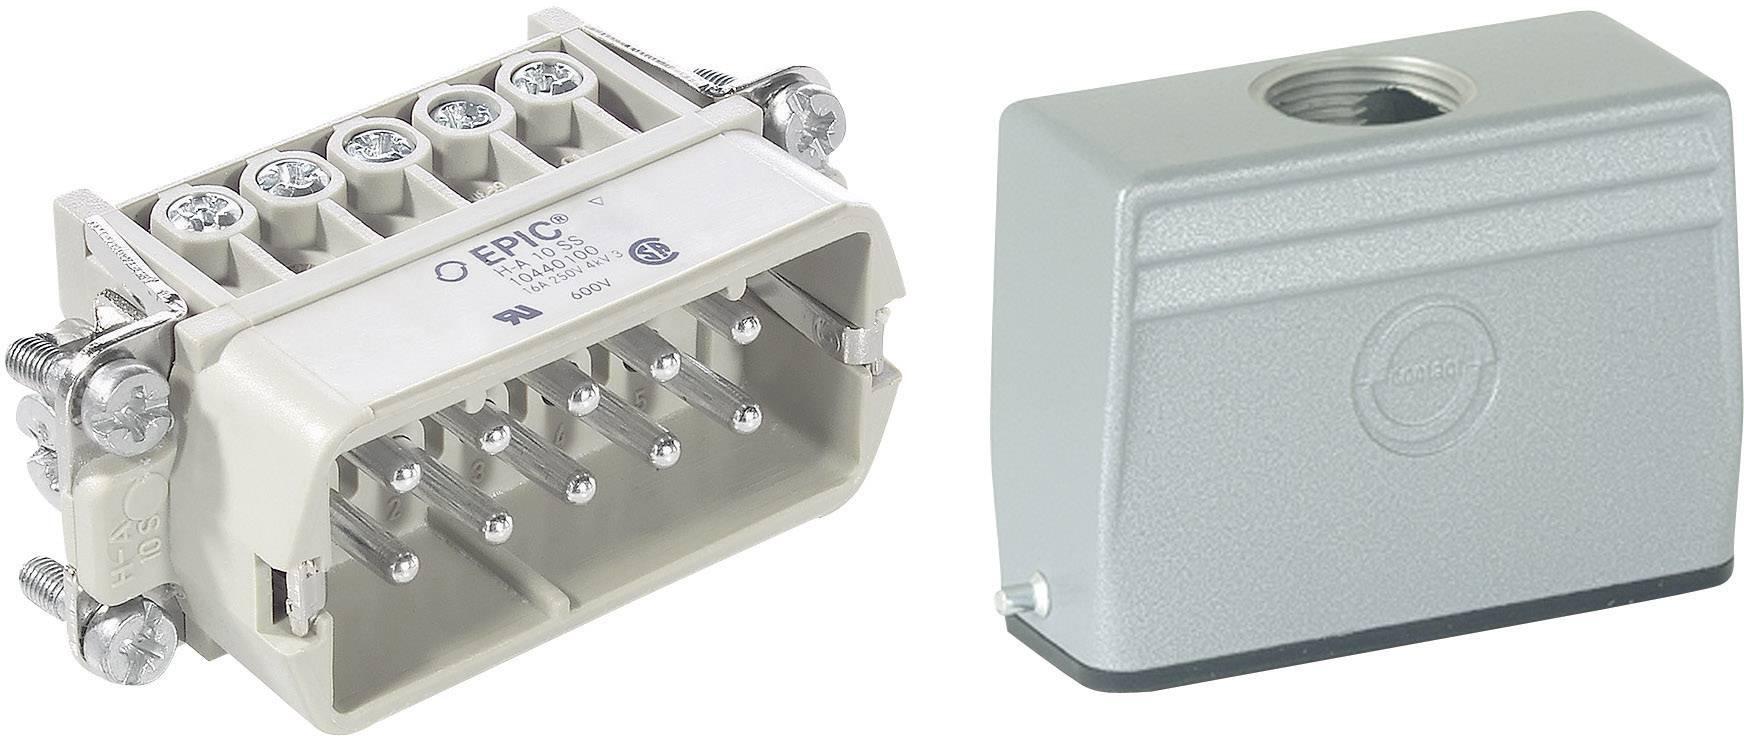 Sada konektorů EPIC®KIT H-A 10 75009625 LappKabel 10 + PE šroubovací 1 sada